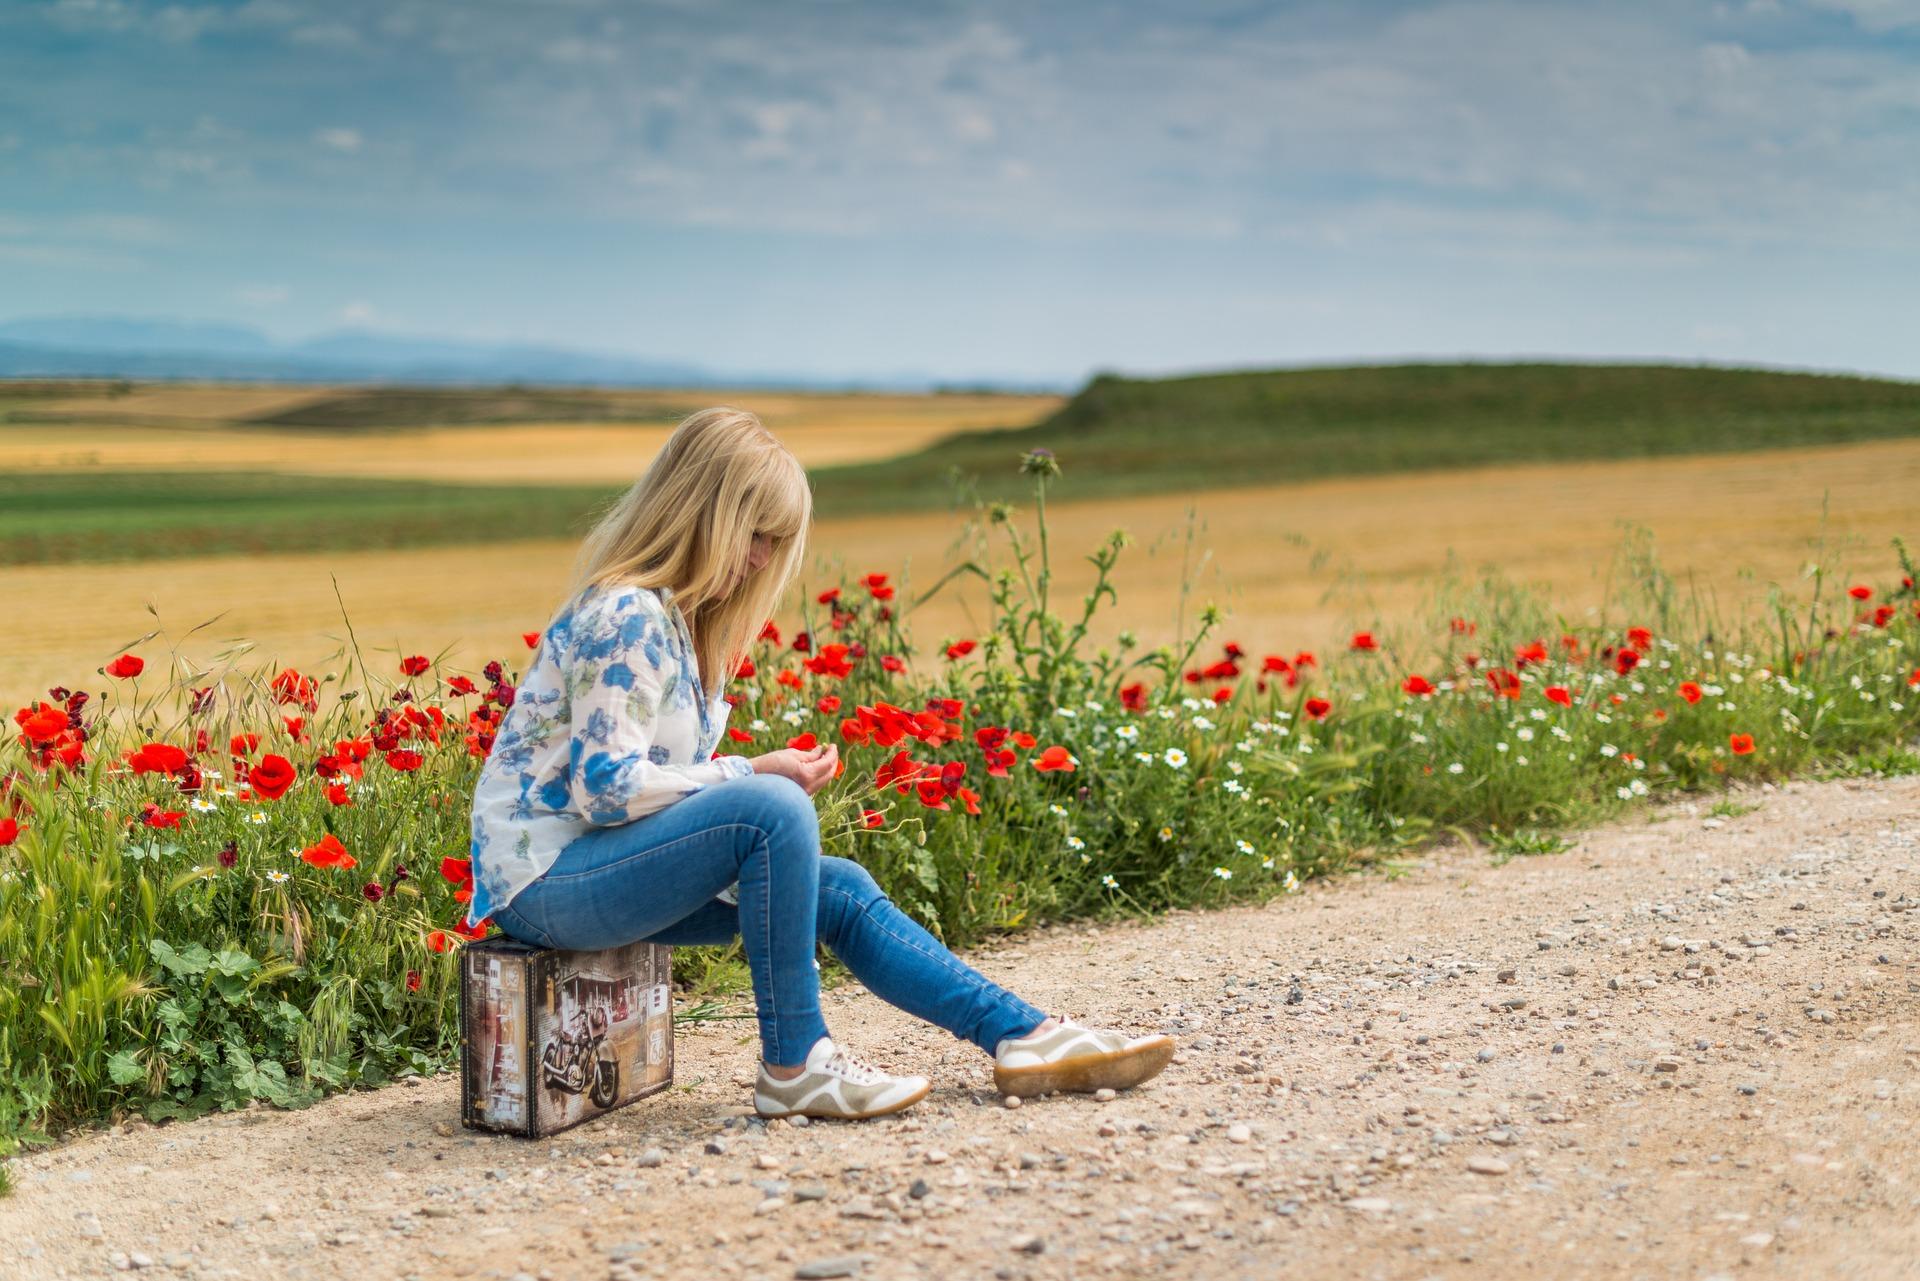 Miedo a la soledad - Rocío Algarín